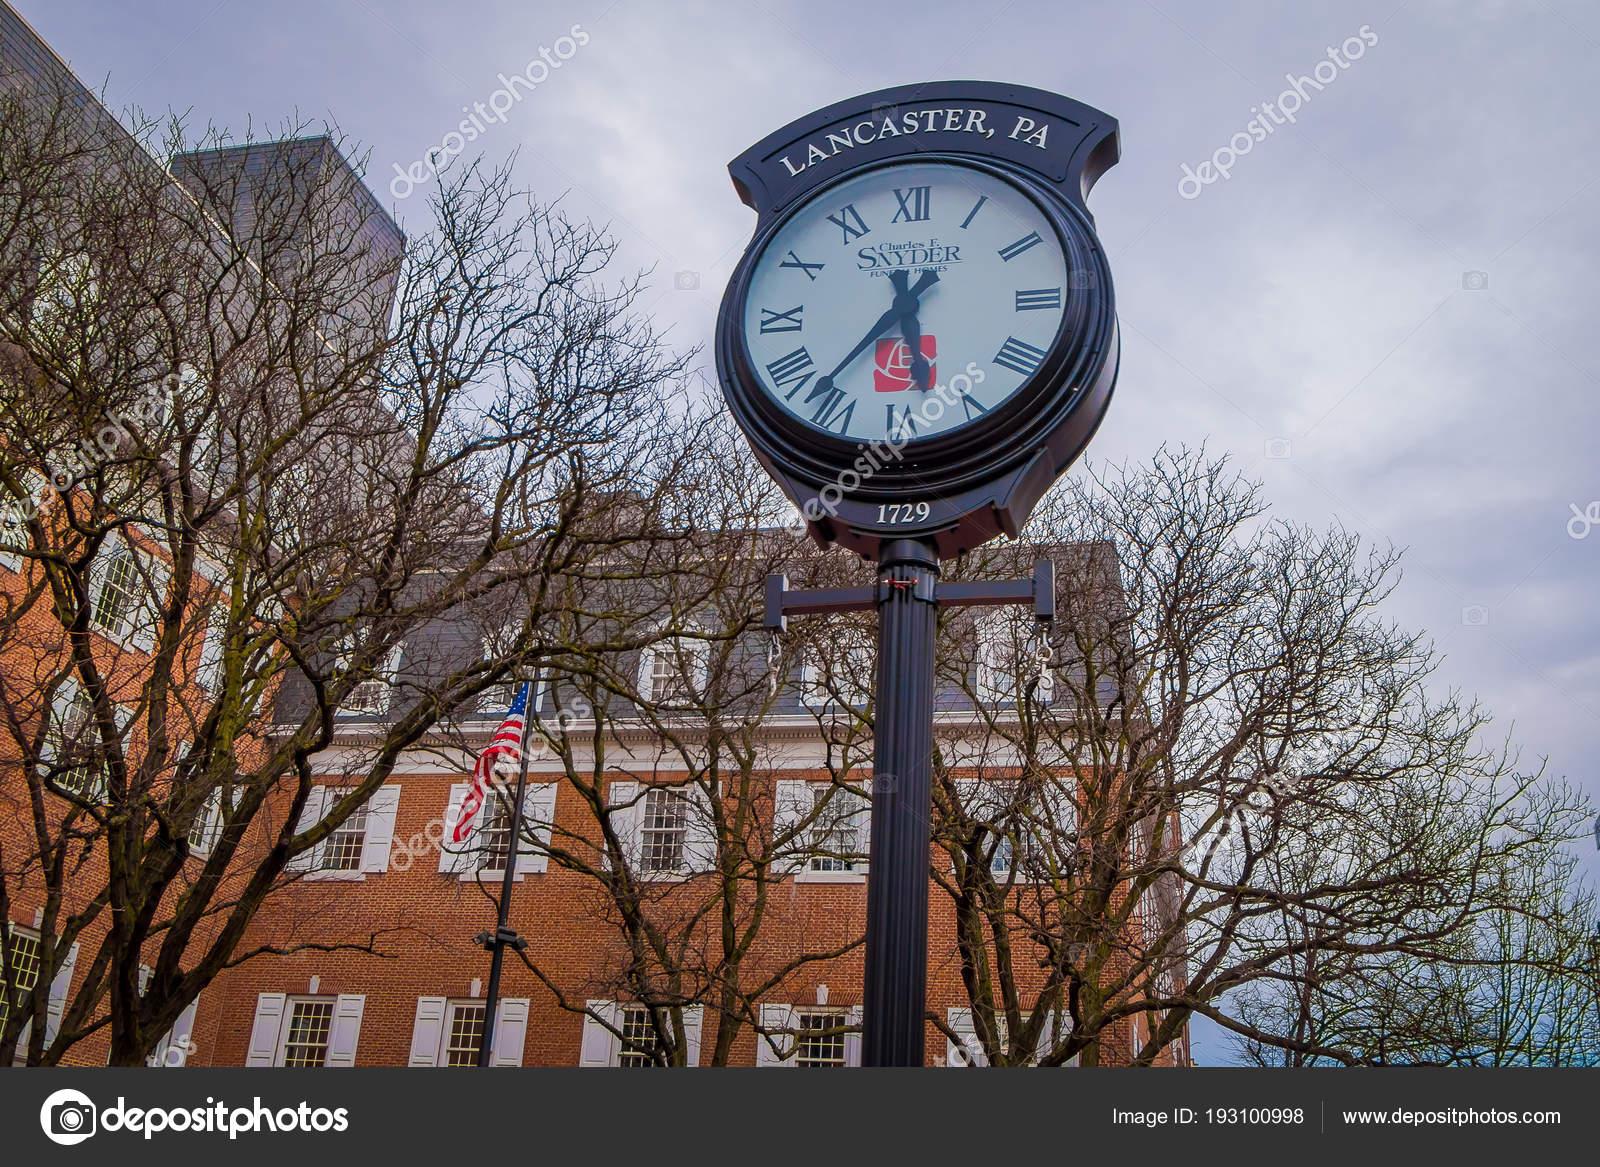 66a88eec4c69 Ланкастер, США - 18 апреля 2018  Открытый вид огромный металлический часов,  расположенный в центре города Ланкастер, Пенсильвания в пасмурный день, ...